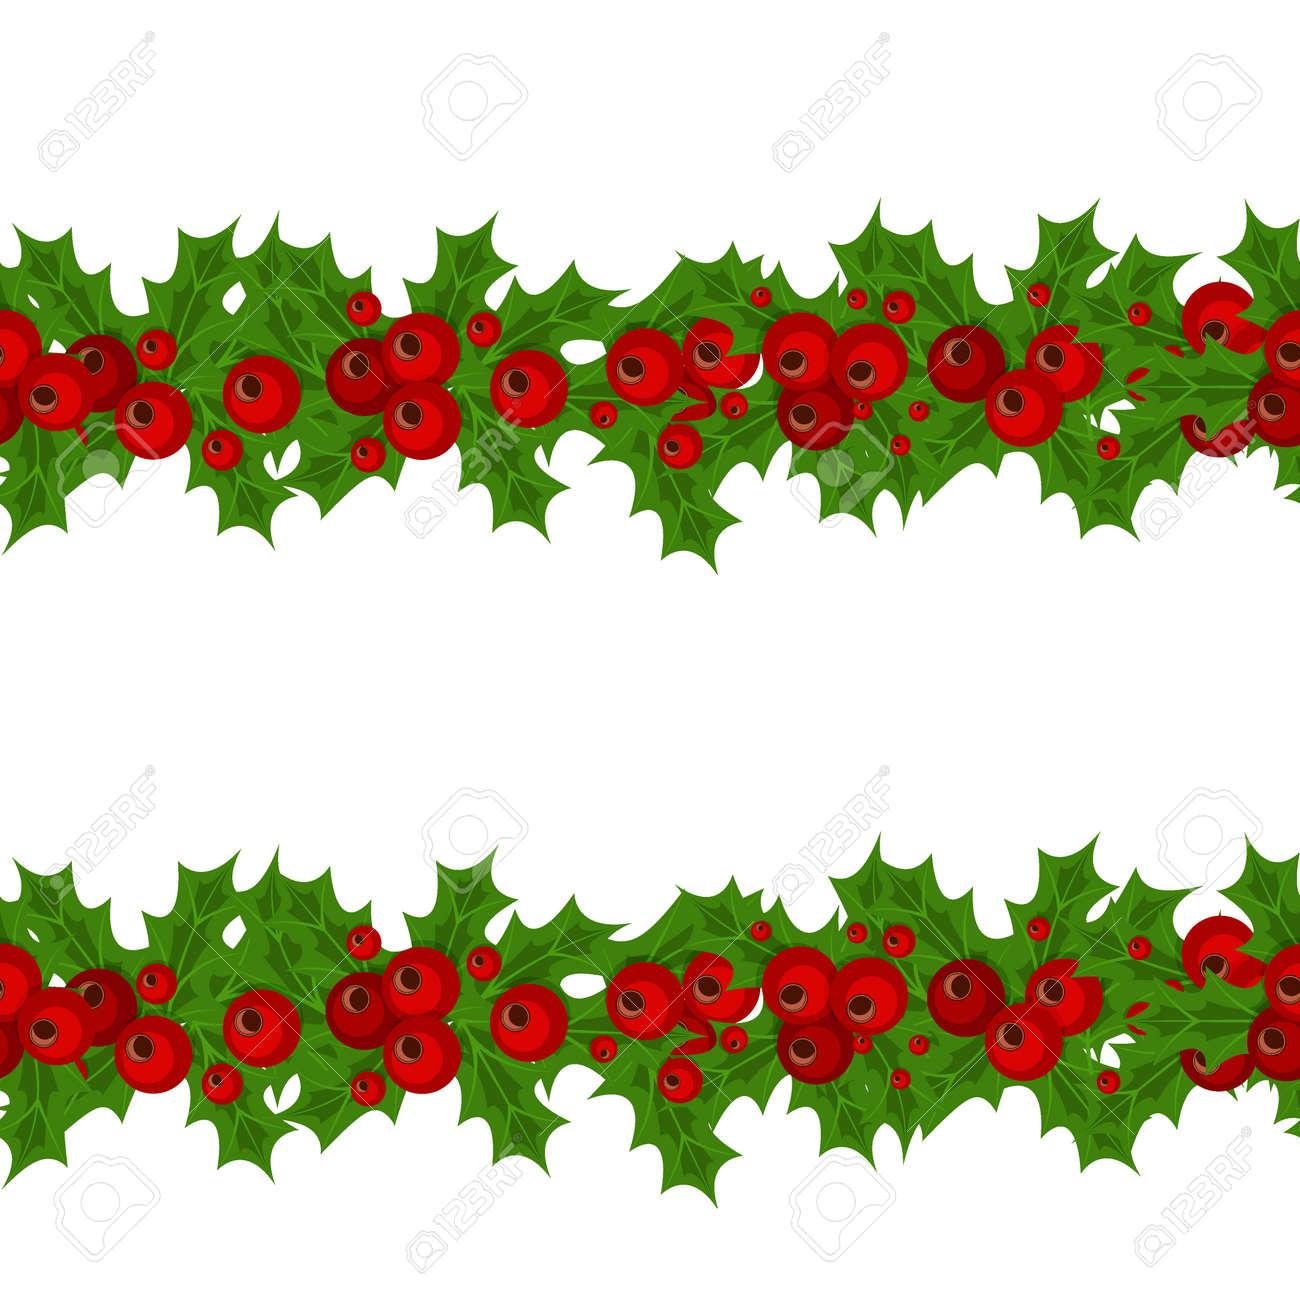 Guirnaldas De Navidad Imagenes.Guirnaldas De Navidad Verde De Acebo Y El Muerdago De Fondo Sin Fisuras Horizontales Con La Navidad Acebo Modelo Inconsutil De La Frontera Del Acebo